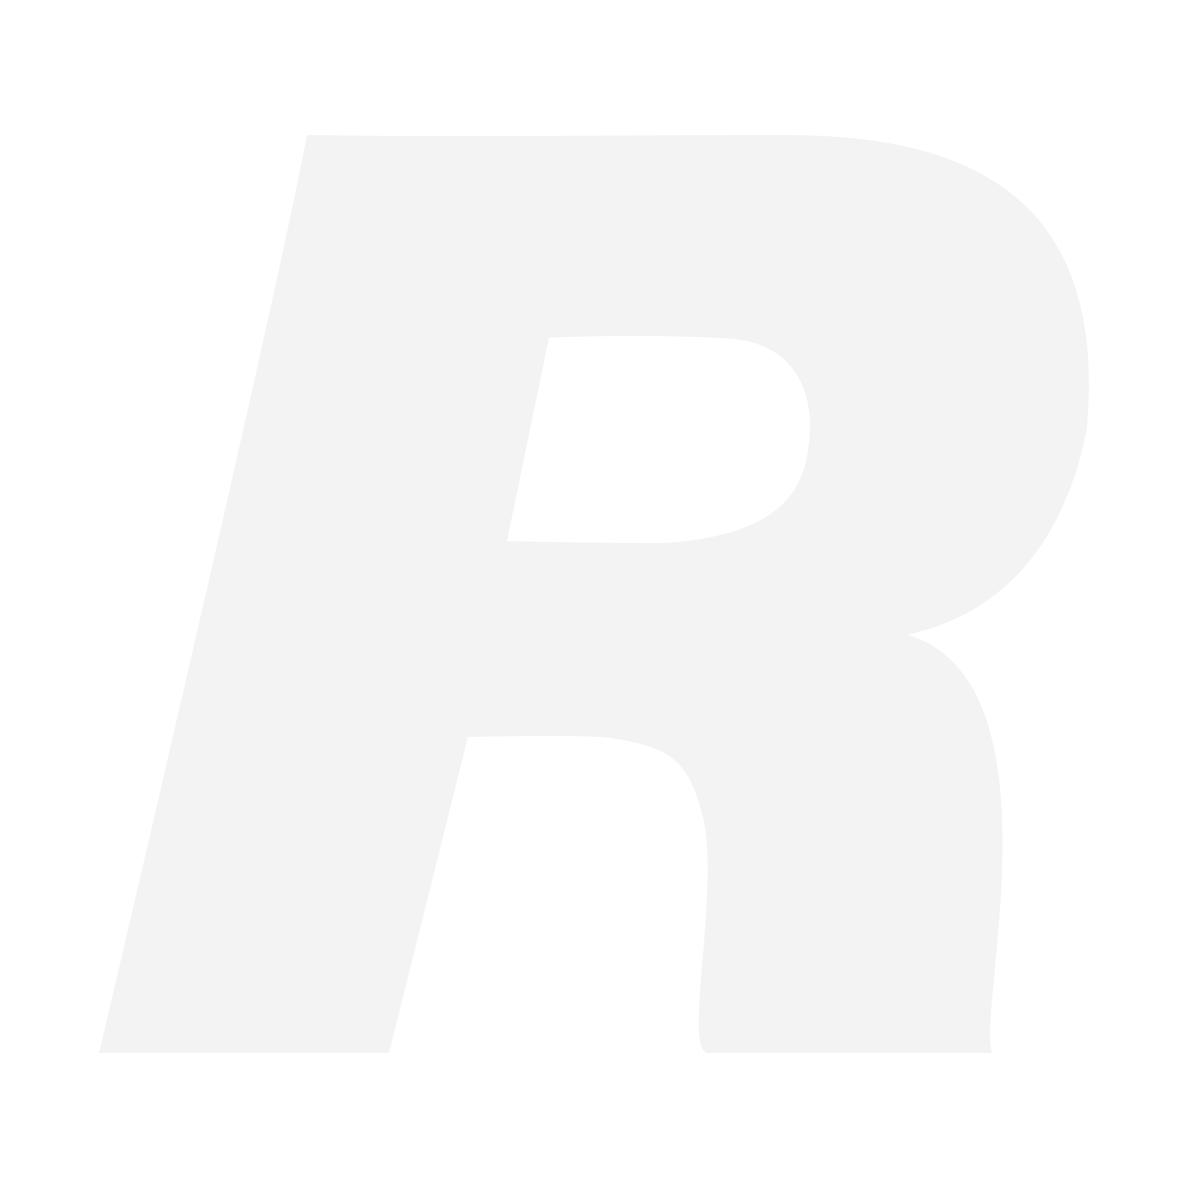 Laowa 9/2.8 Zero-D, Sony E